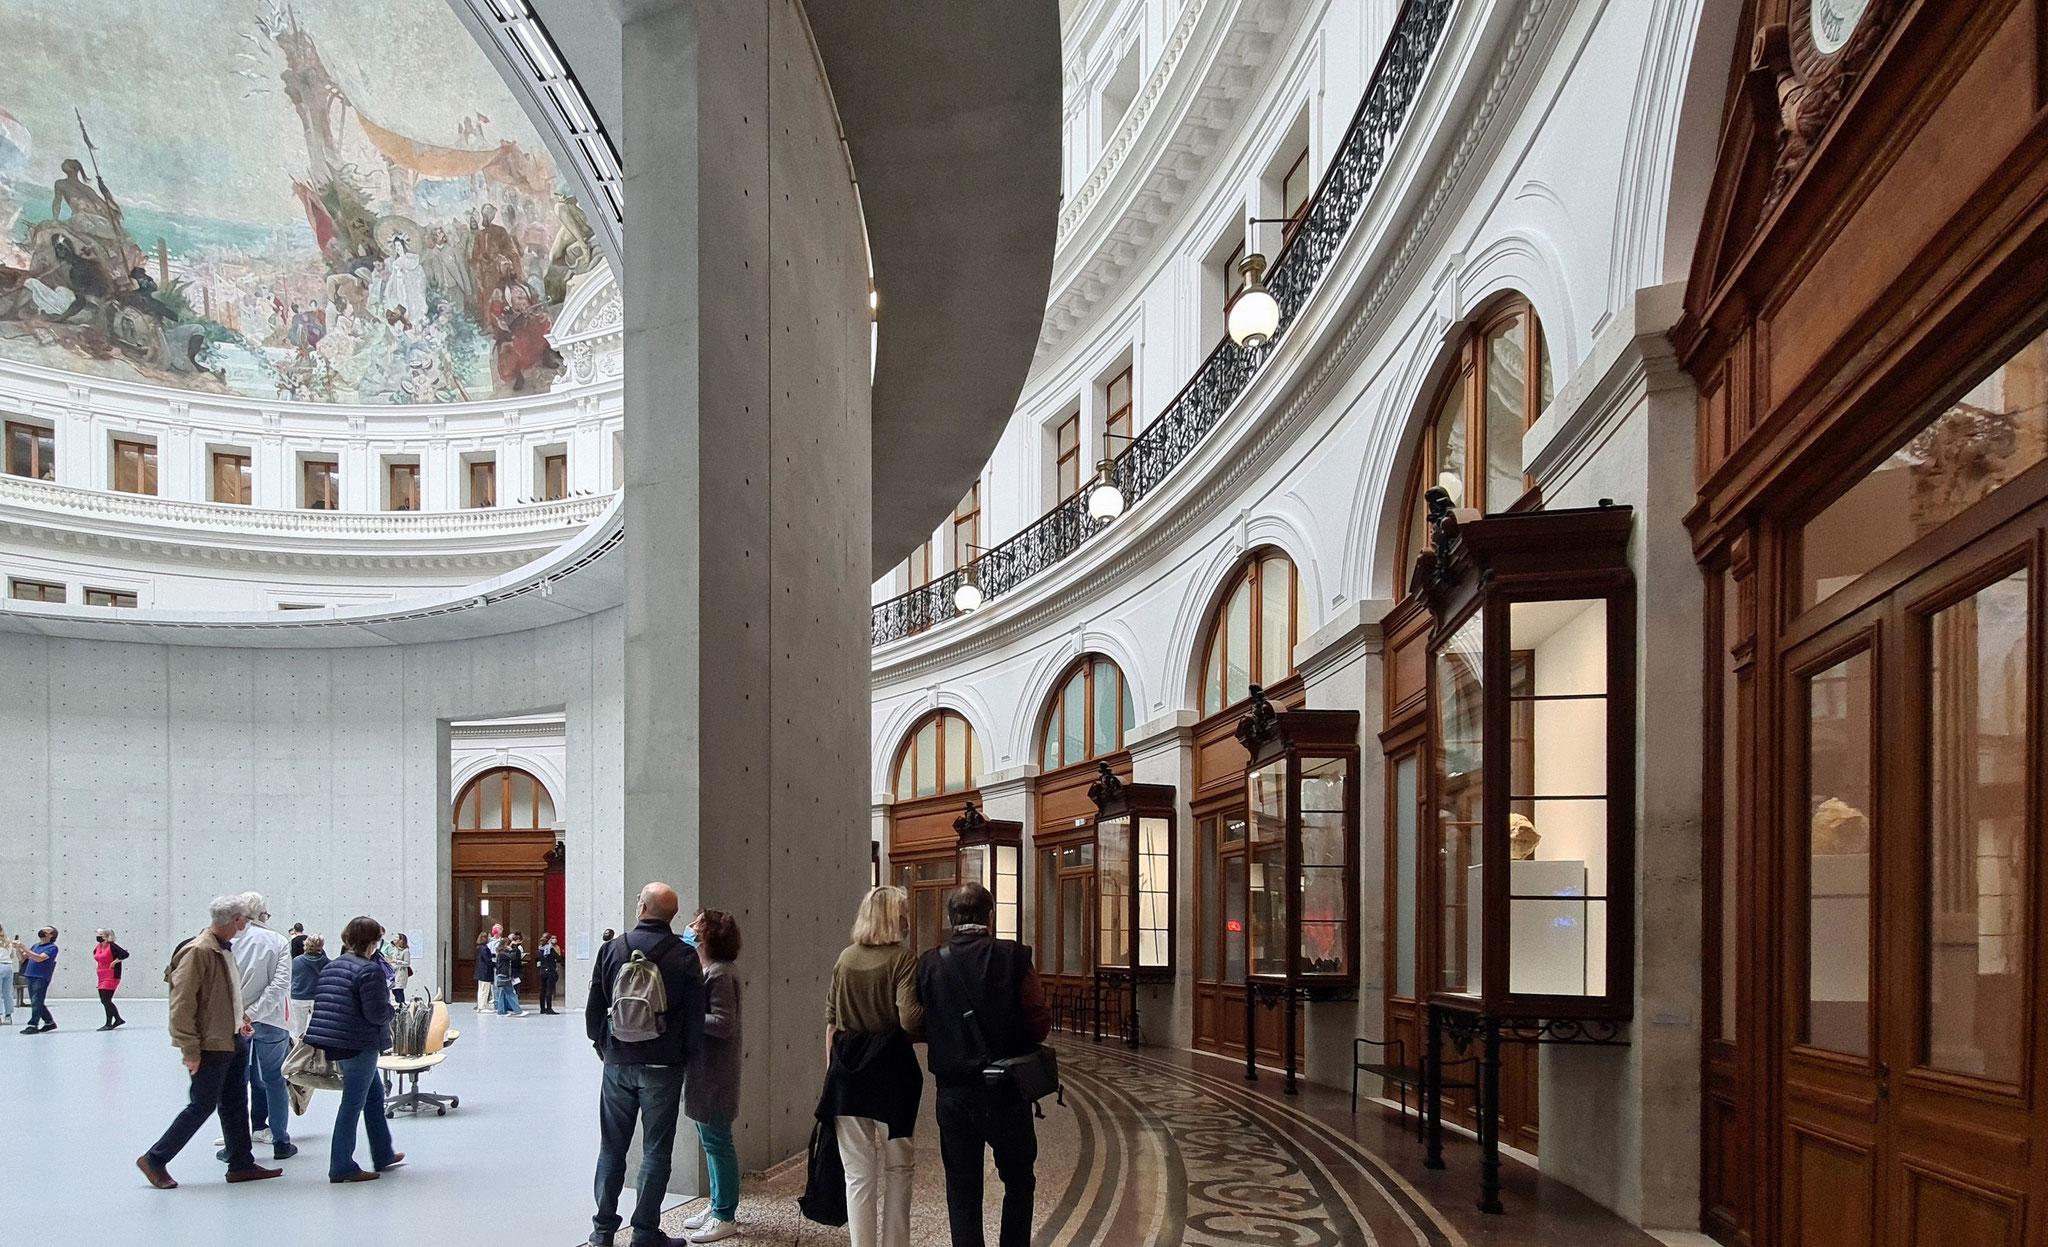 Bourse de Commerce - Pinault Collection  Photo: Patricia Sigerist